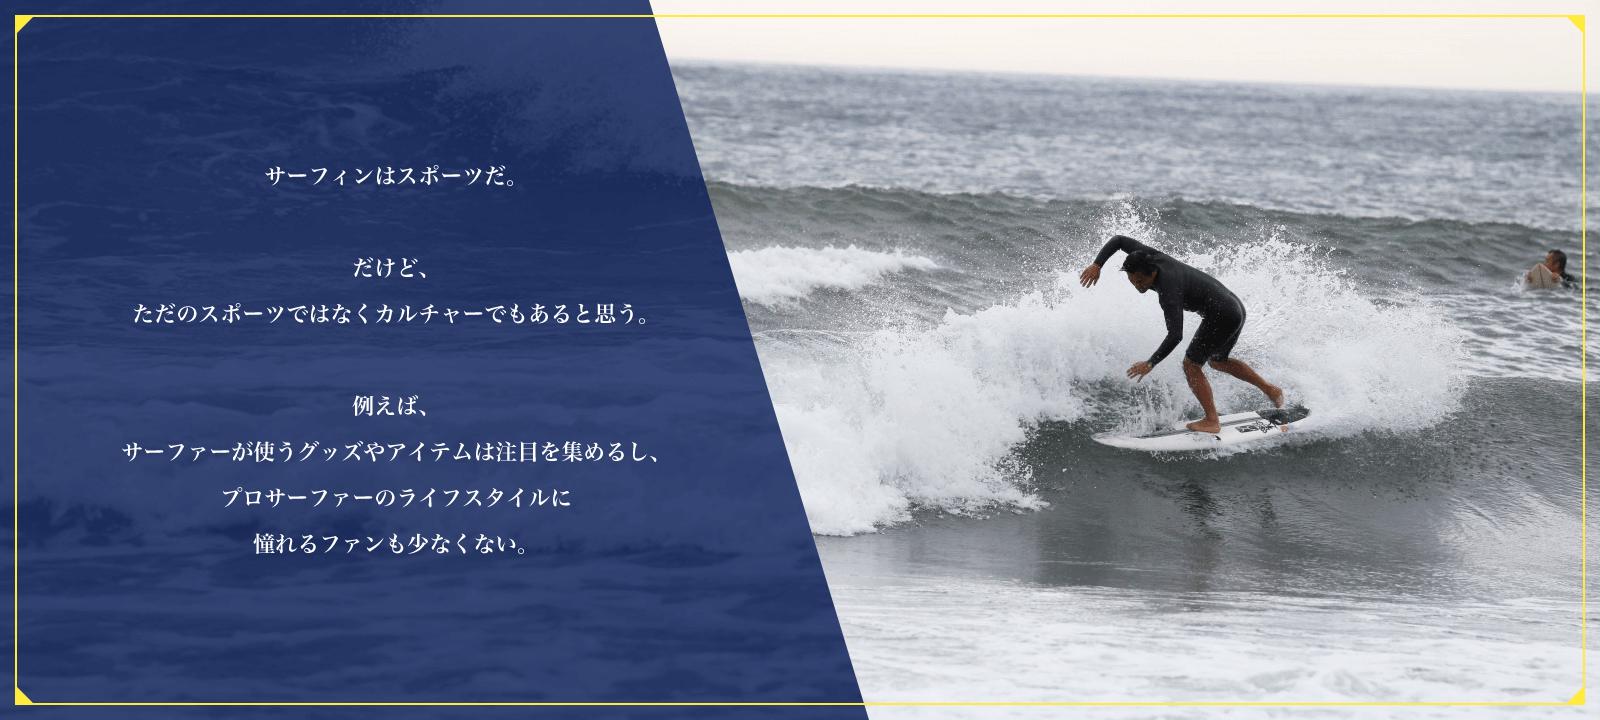 サーフィンはスポーツだ。だけど、ただのスポーツではなくカルチャーでもあると思う。たとえば、サーファーが使うグッズやアイテムは注目を集めるし、プロサーファーのライフスタイルに憧れるファンも少なくない。